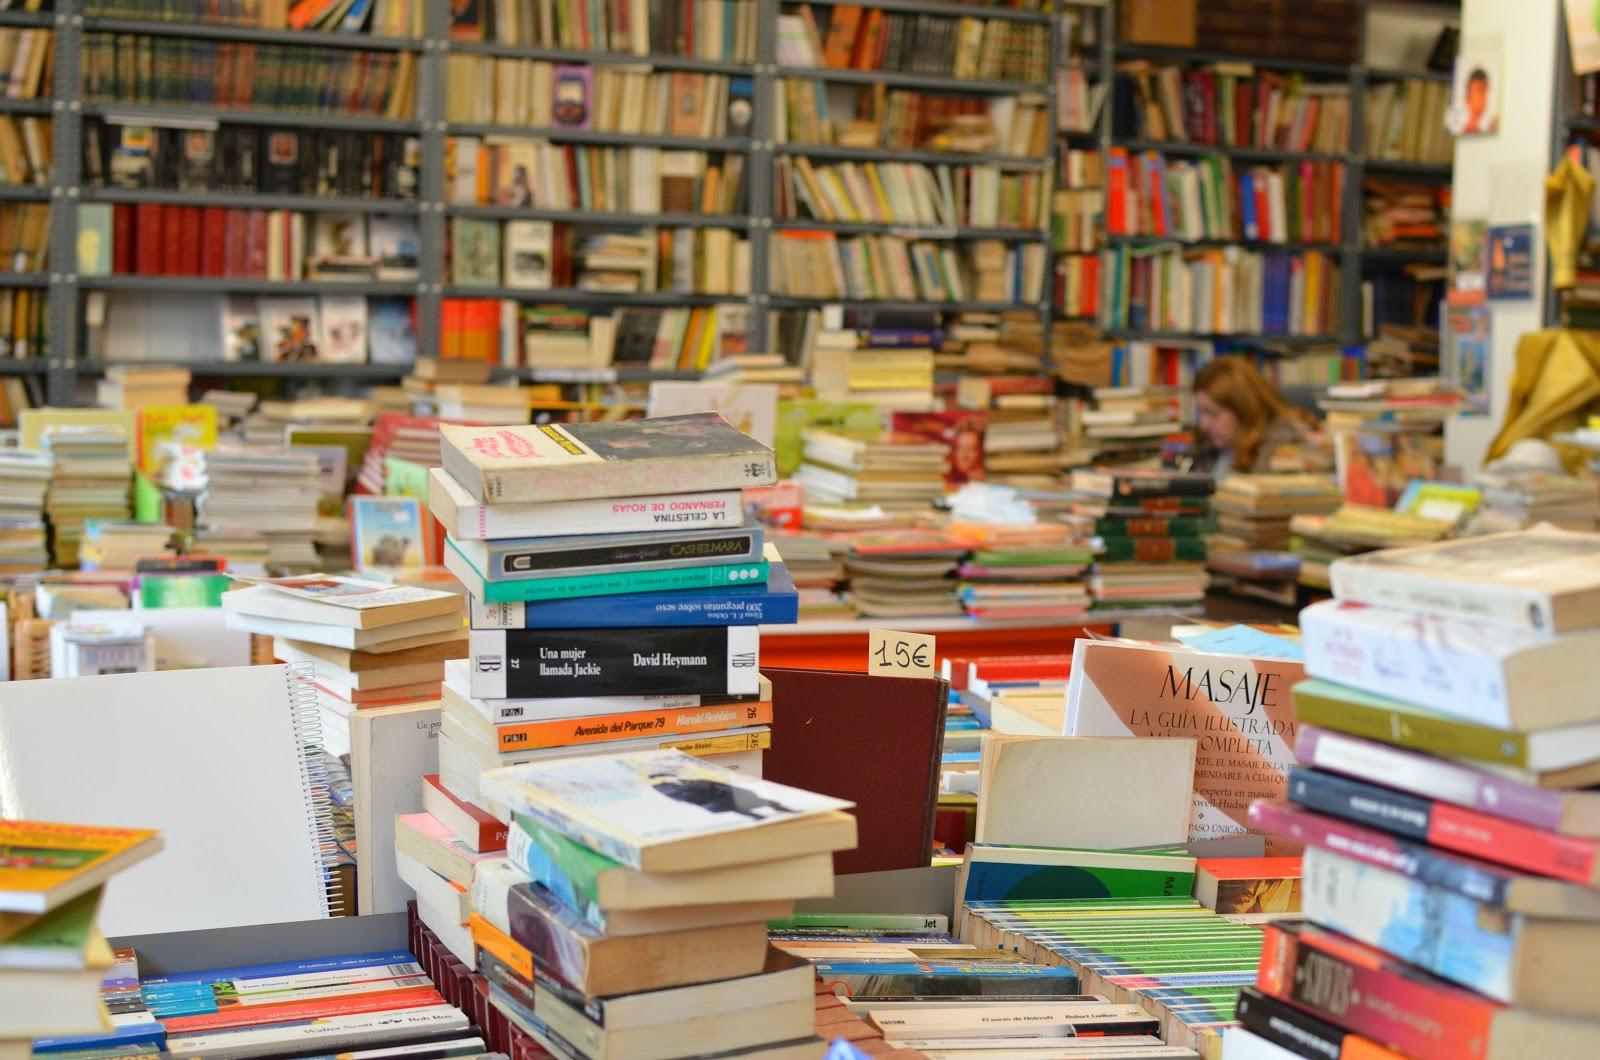 El club de las mujeres reales el almacen de los libros olvidados - Almacen de libreria ...